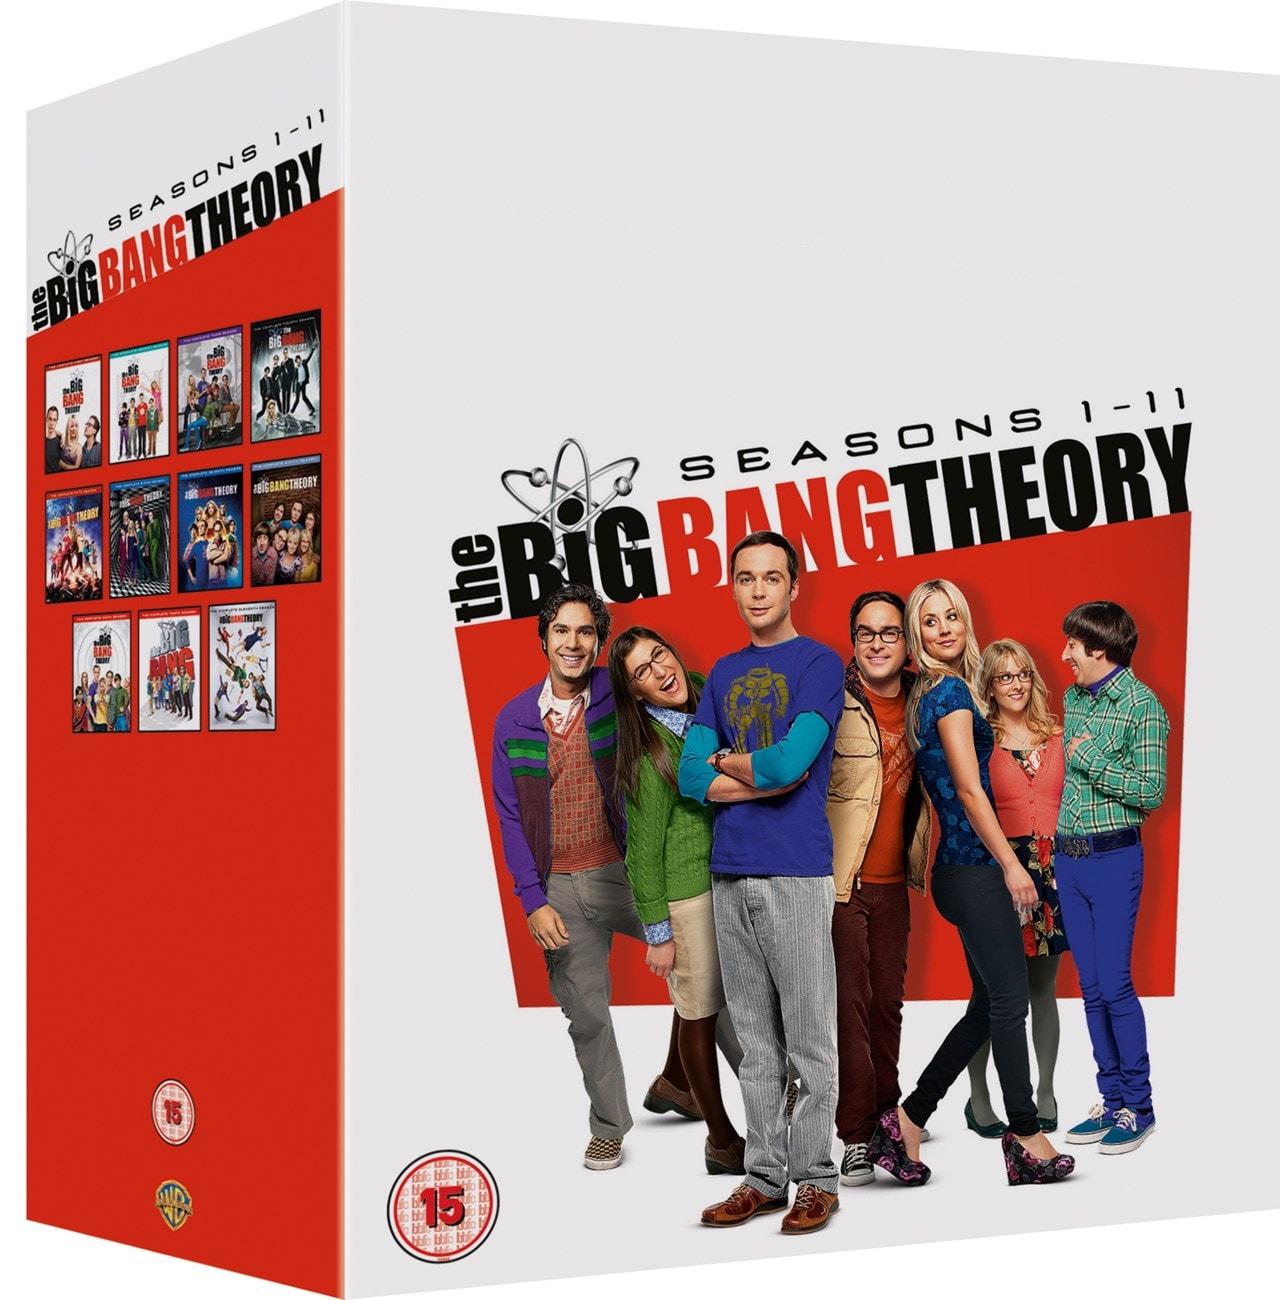 The Big Bang Theory: Seasons 1-11 - 2